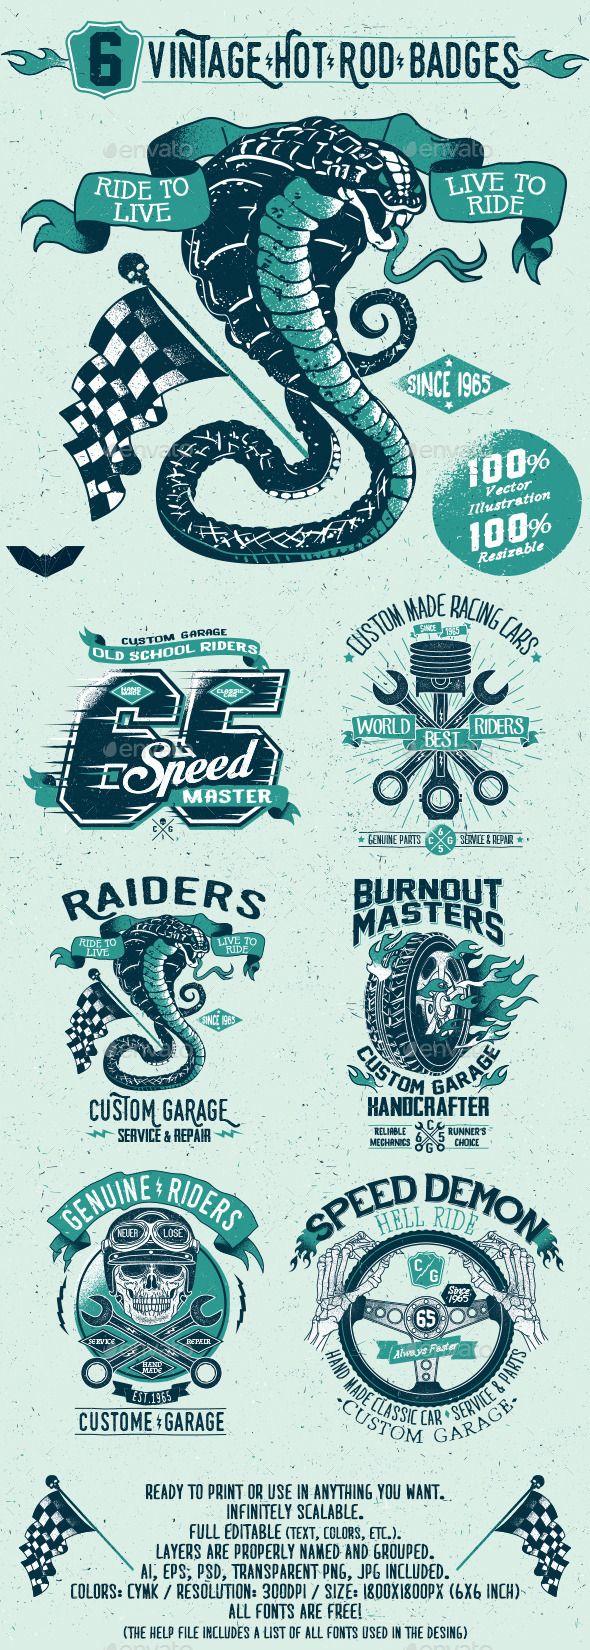 6 Vintage Hot Rod Badges #design #badges Download: http://graphicriver.net/item/6-vintage-hot-rod-badges/11531296?ref=ksioks